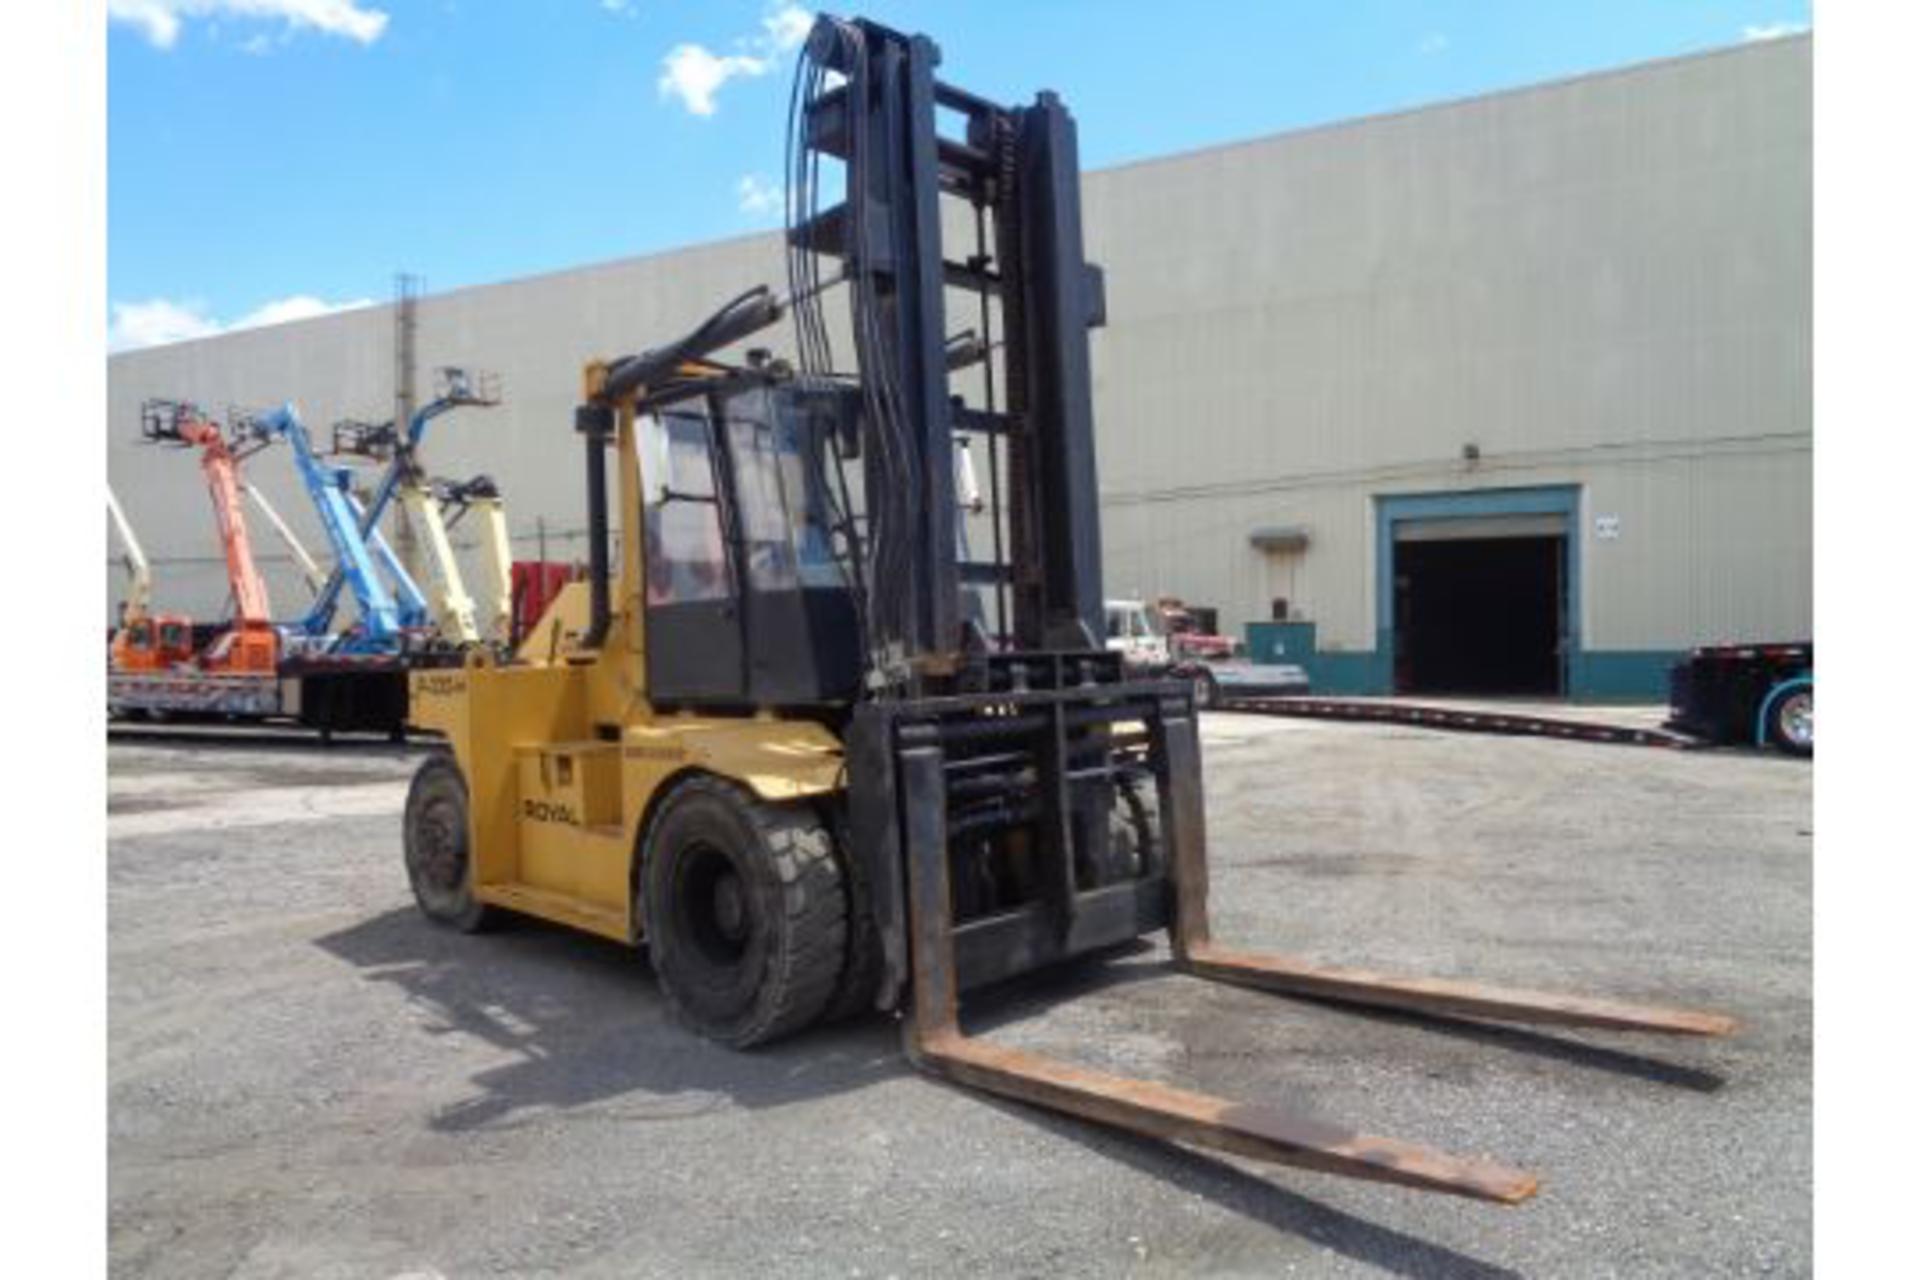 1998 Royal P330H 36,000lb Forklift - Image 11 of 19